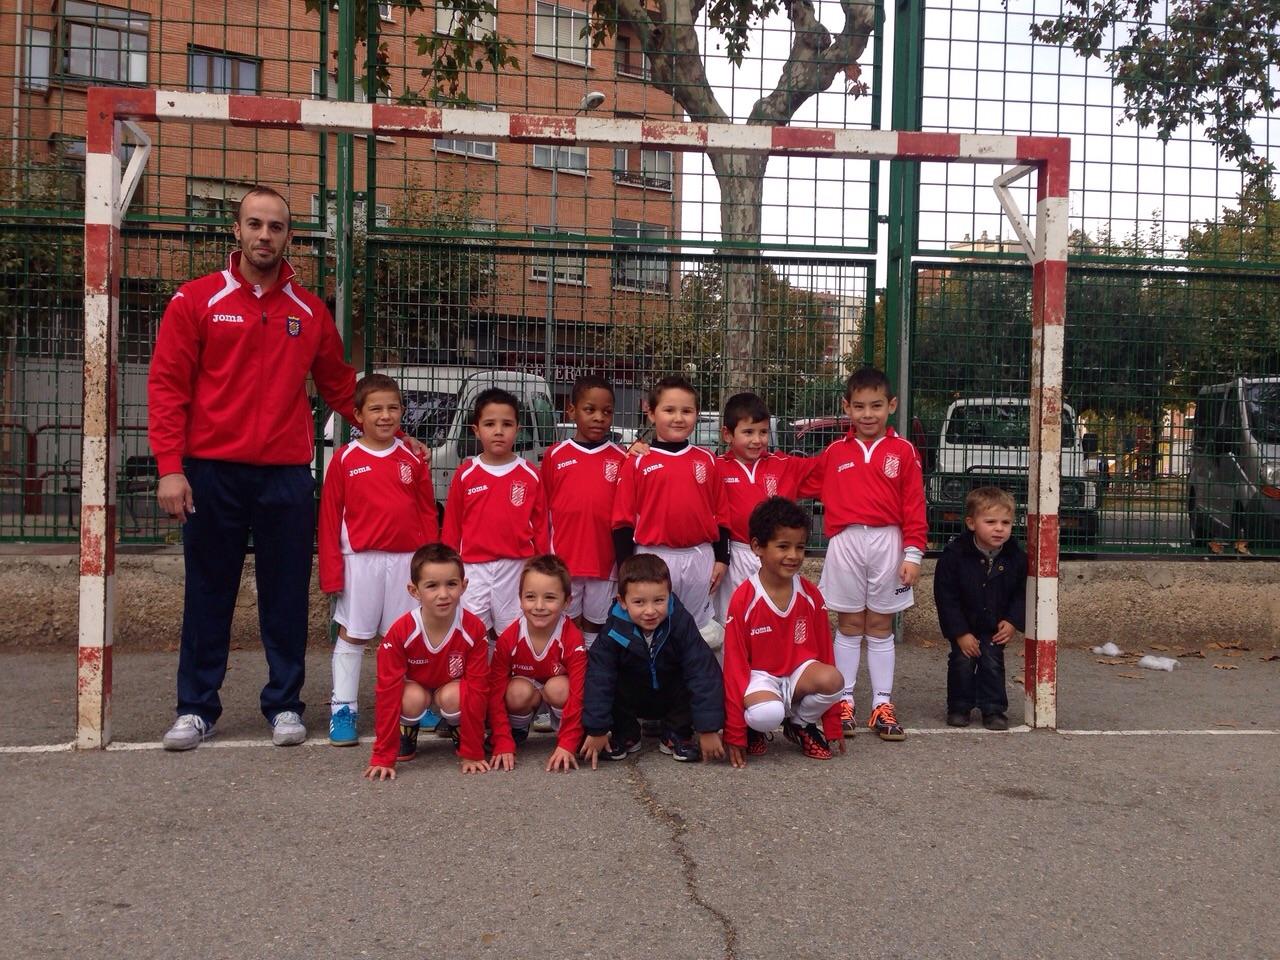 Escuela 2009, el futuro del club